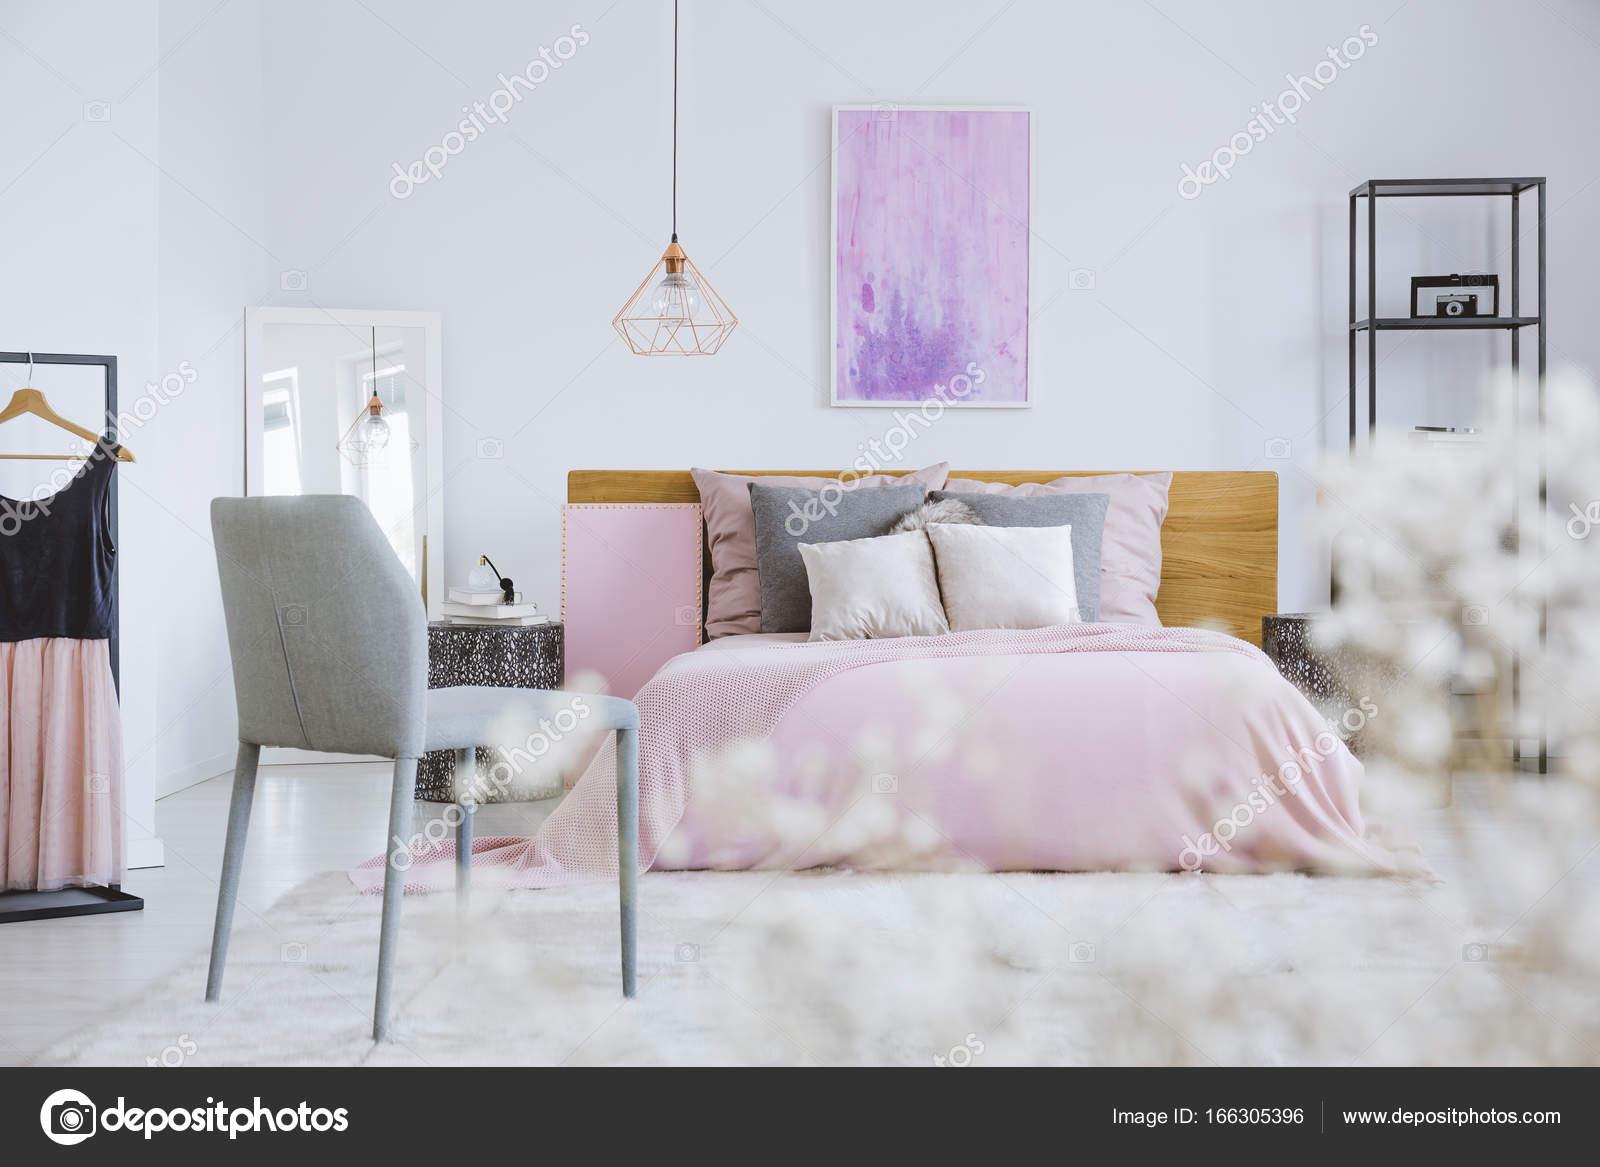 Roze Slaapkamer Stoel : Witte bloemen in roze slaapkamer u stockfoto photographee eu